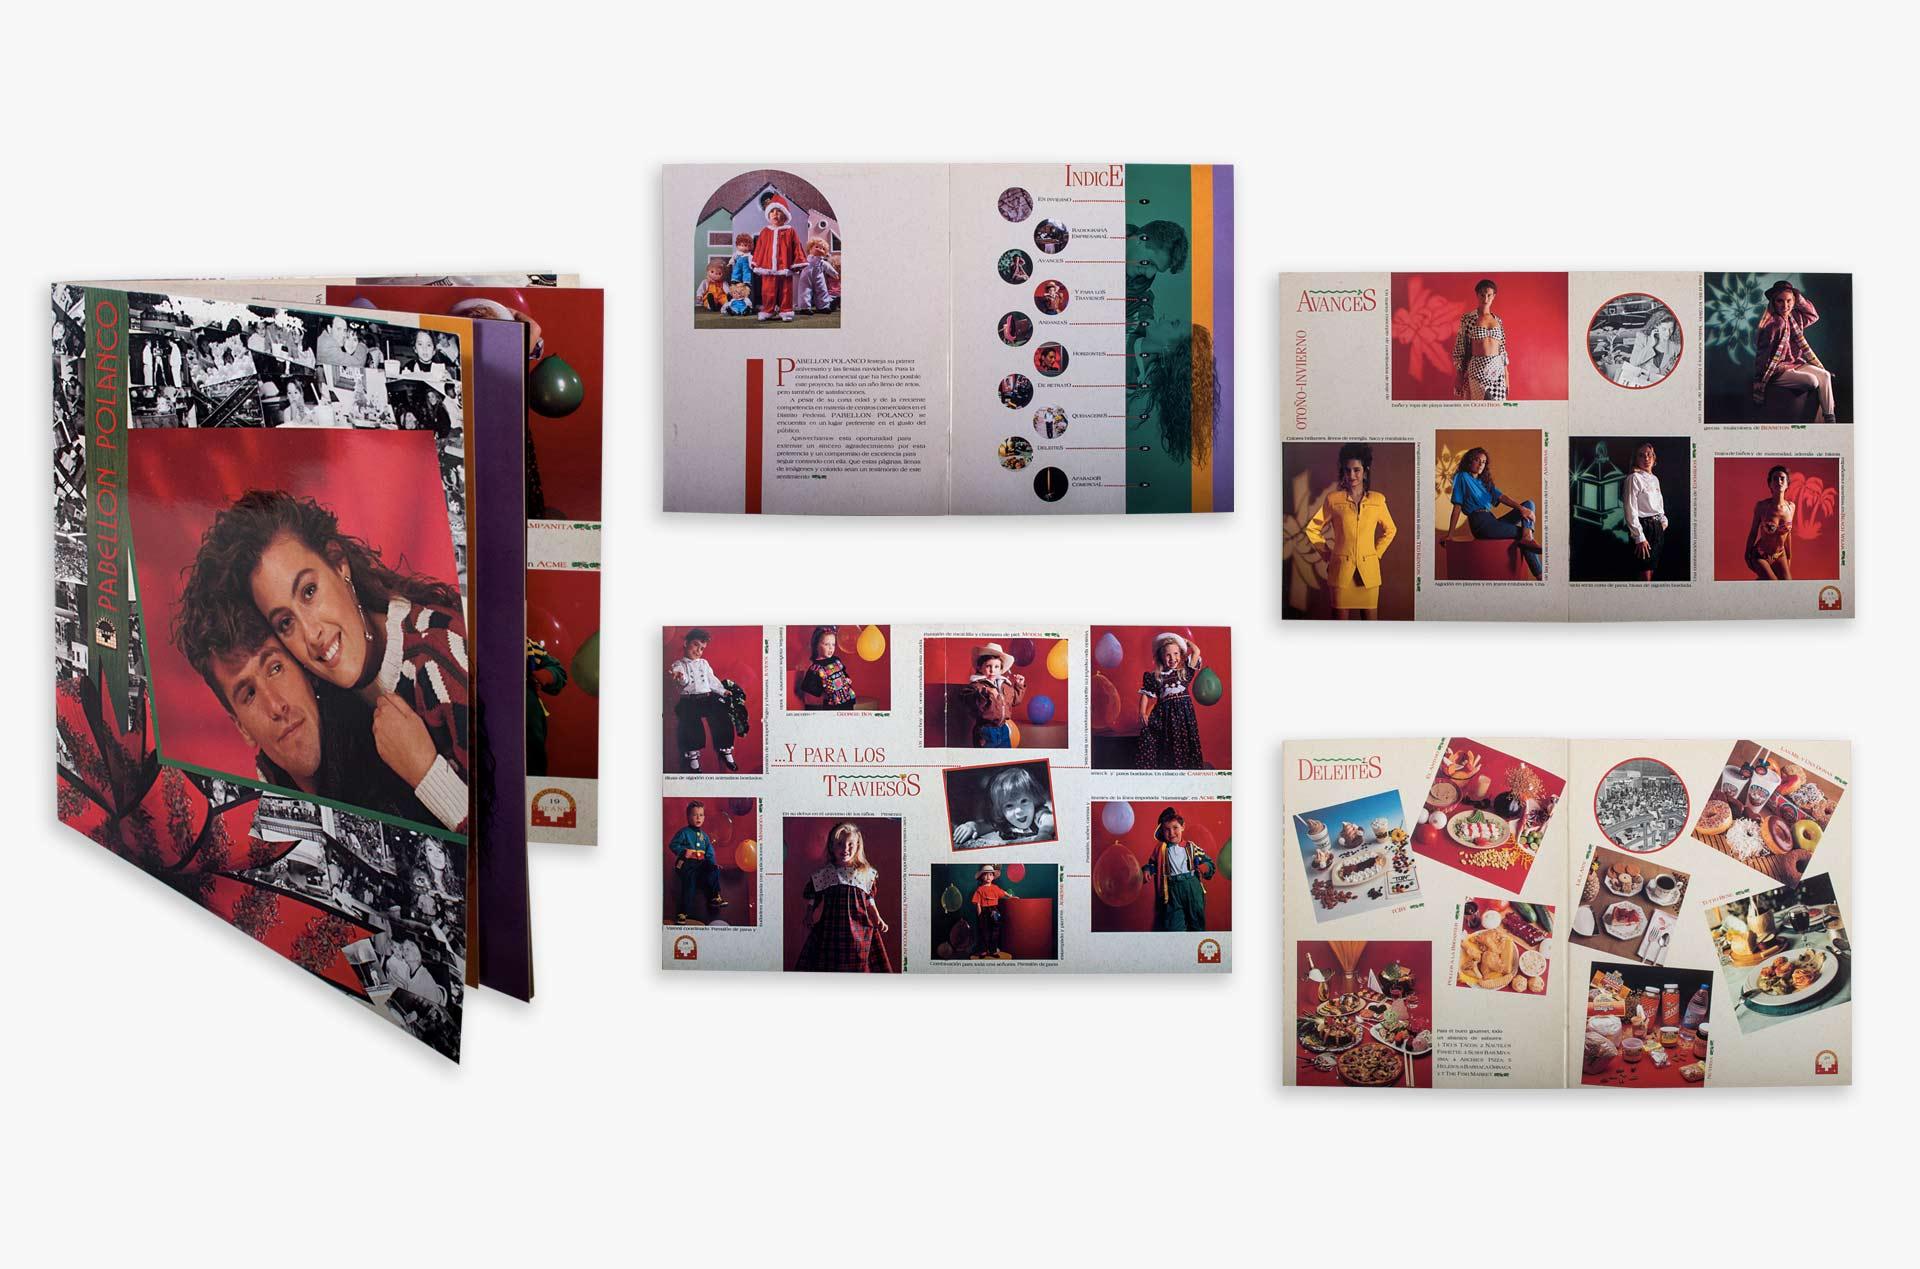 Catálogo para Pabellón Polanco